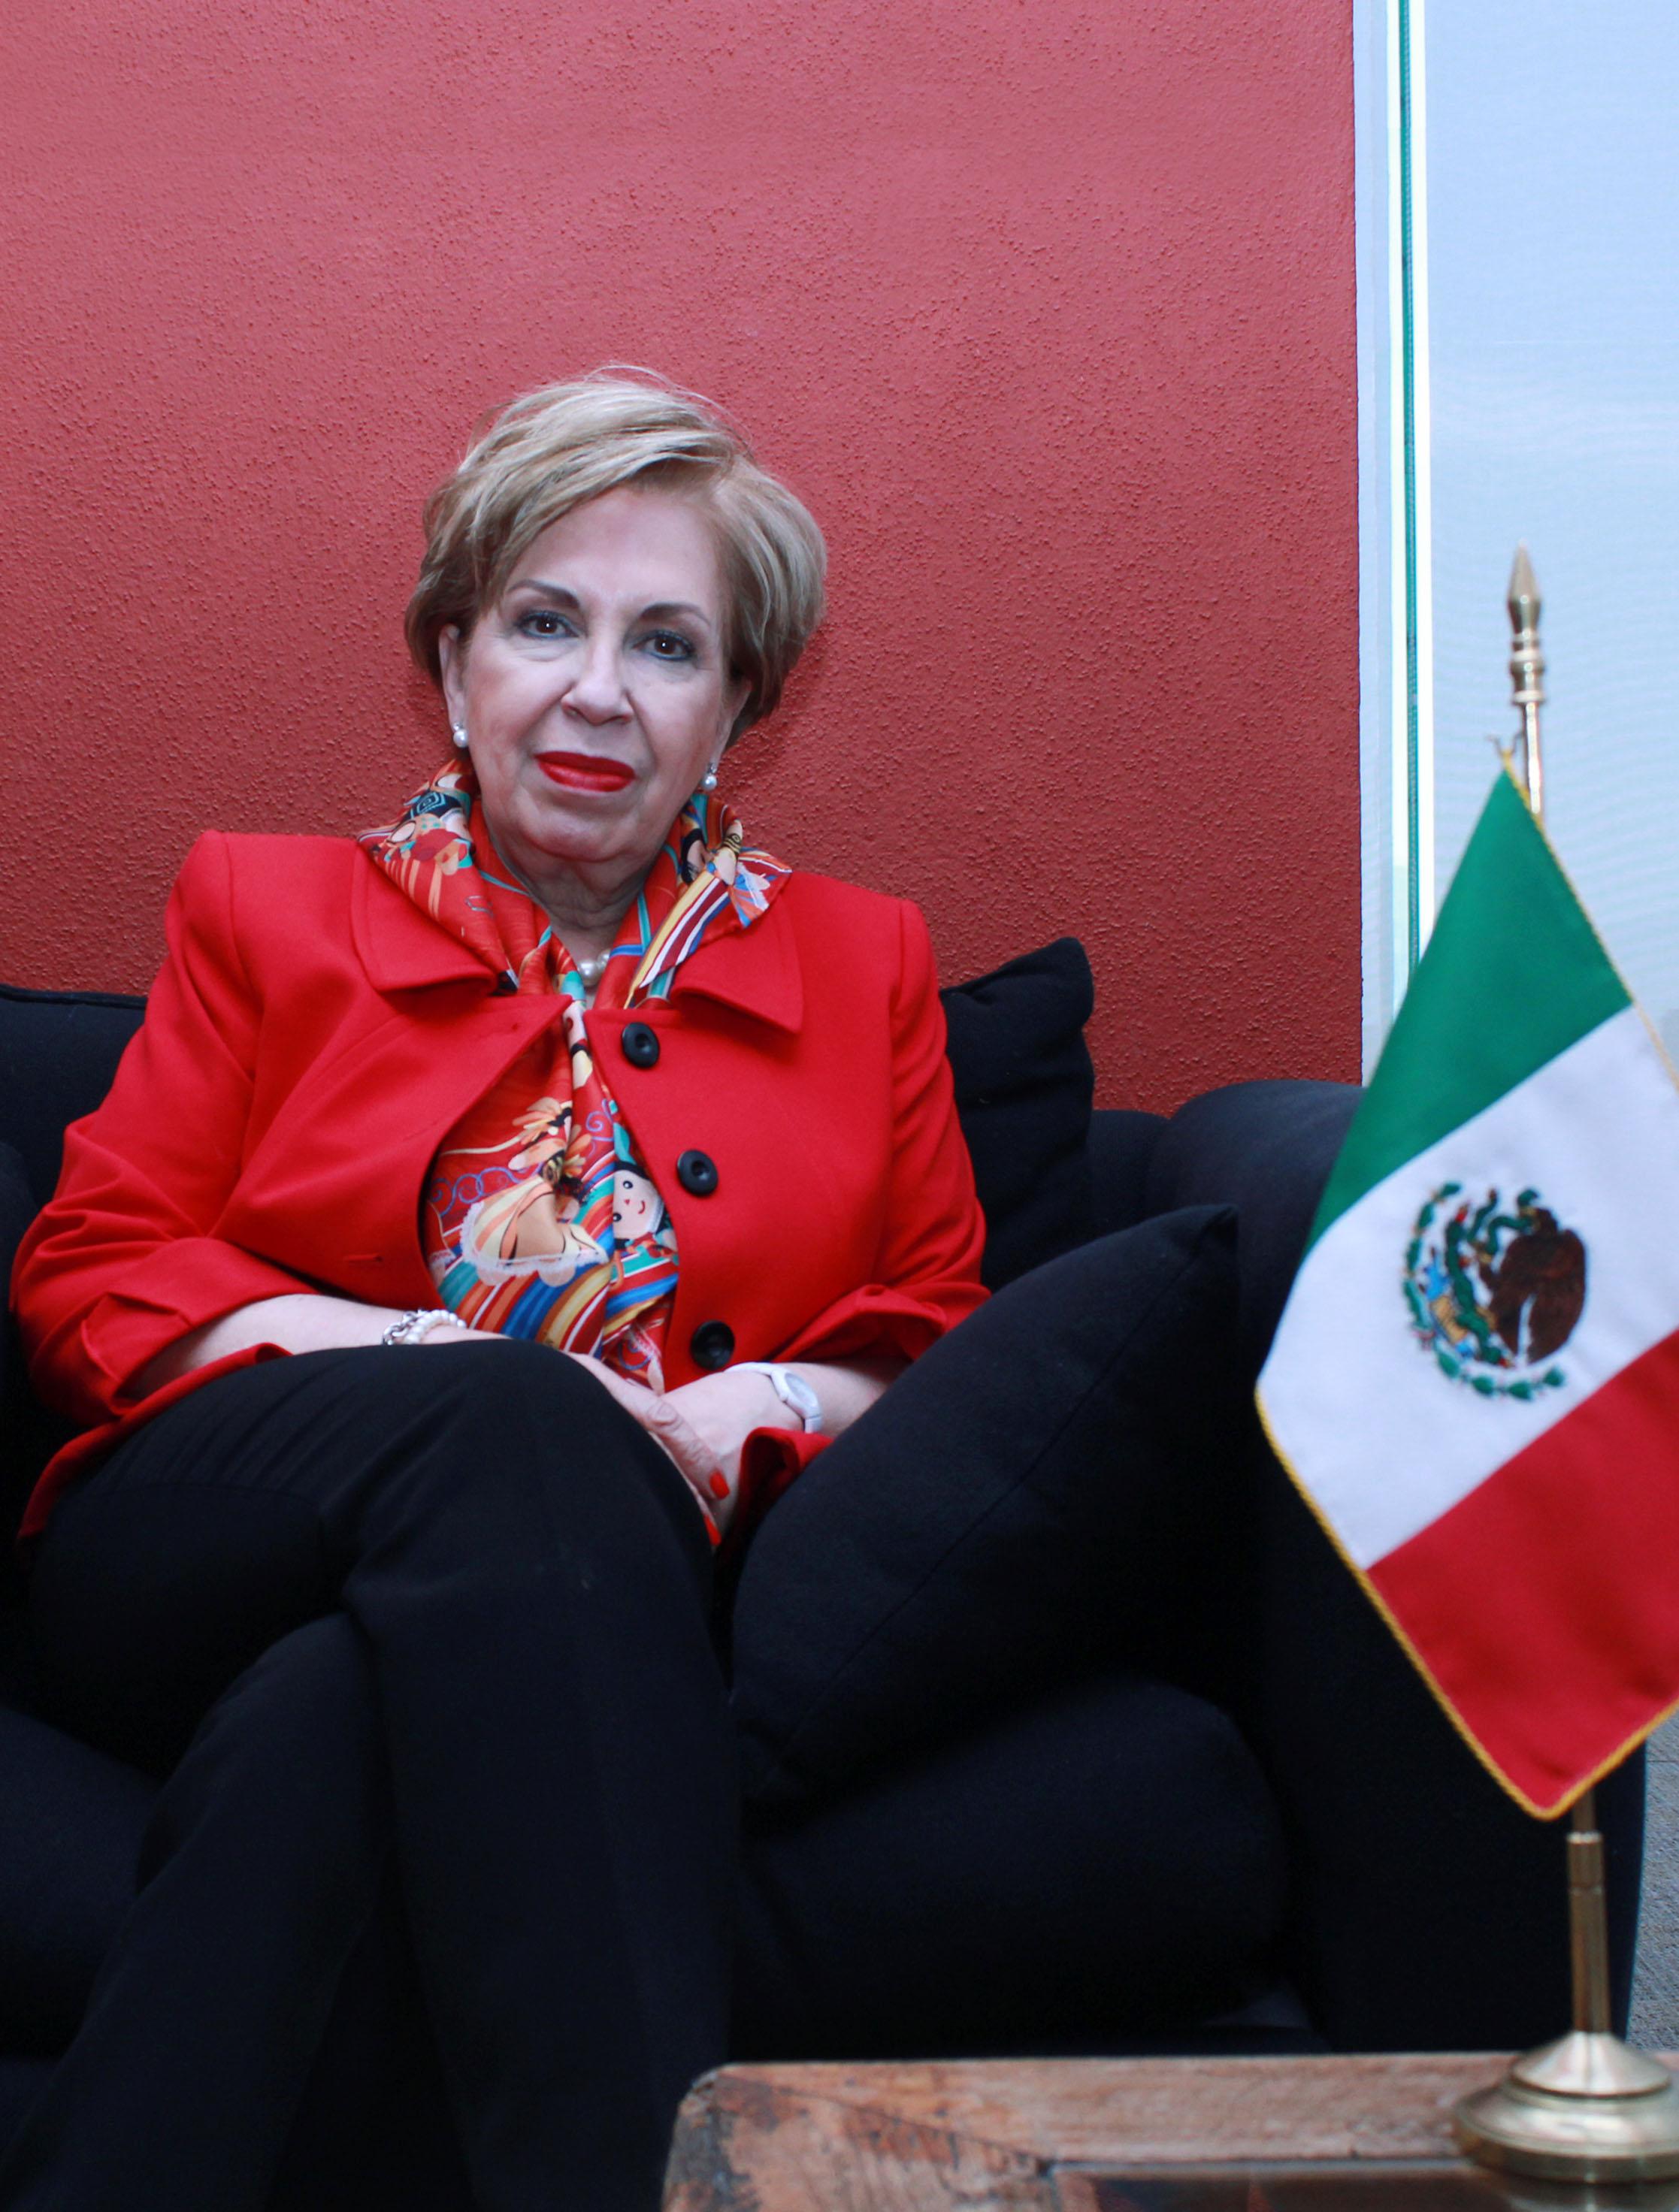 La Dra. Martha Navarro Albo es Directora General de Cooperación Técnica y Científica y Coordinadora General de Proyecta 100,000 y Proyecta 10,000.